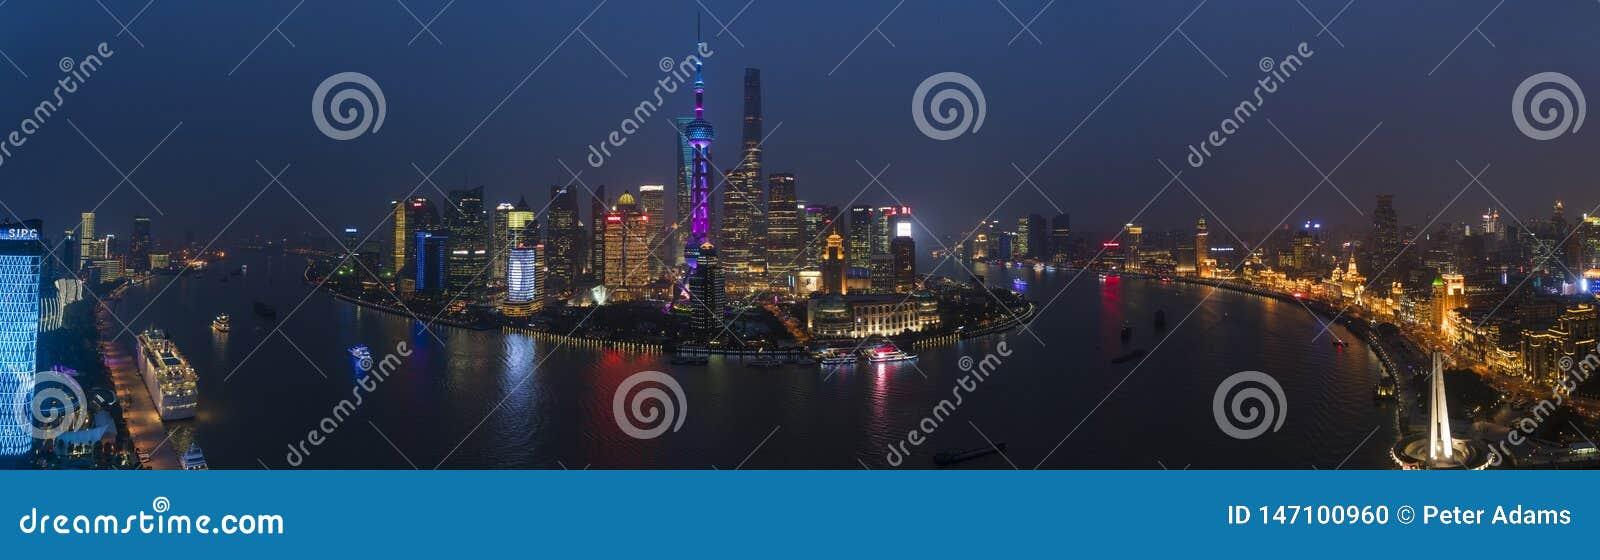 Ansicht über der Huangpu-Fluss und Pudong-Skyline nachts, Shanghai